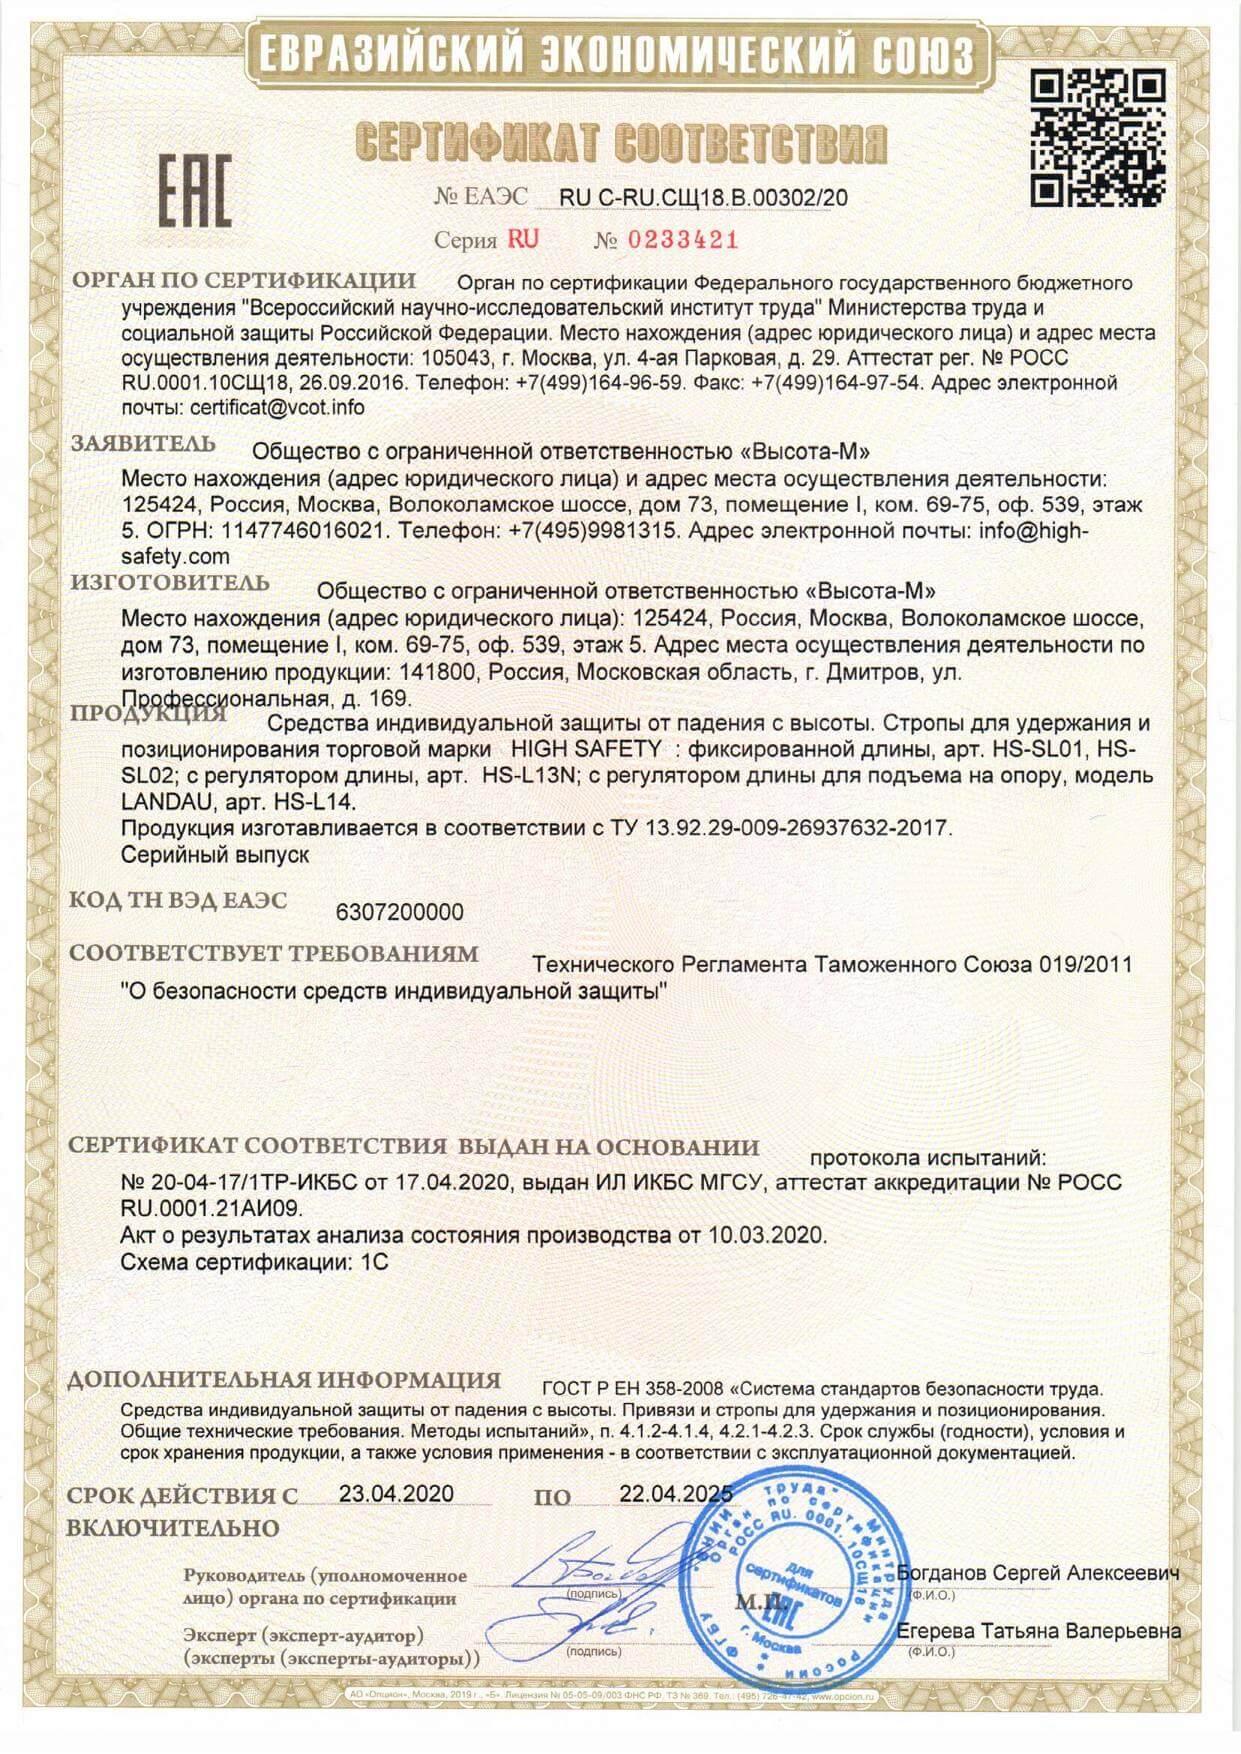 sertifikat-stropy-dlya-uderzhaniya-i-pozicionirovaniya.jpg